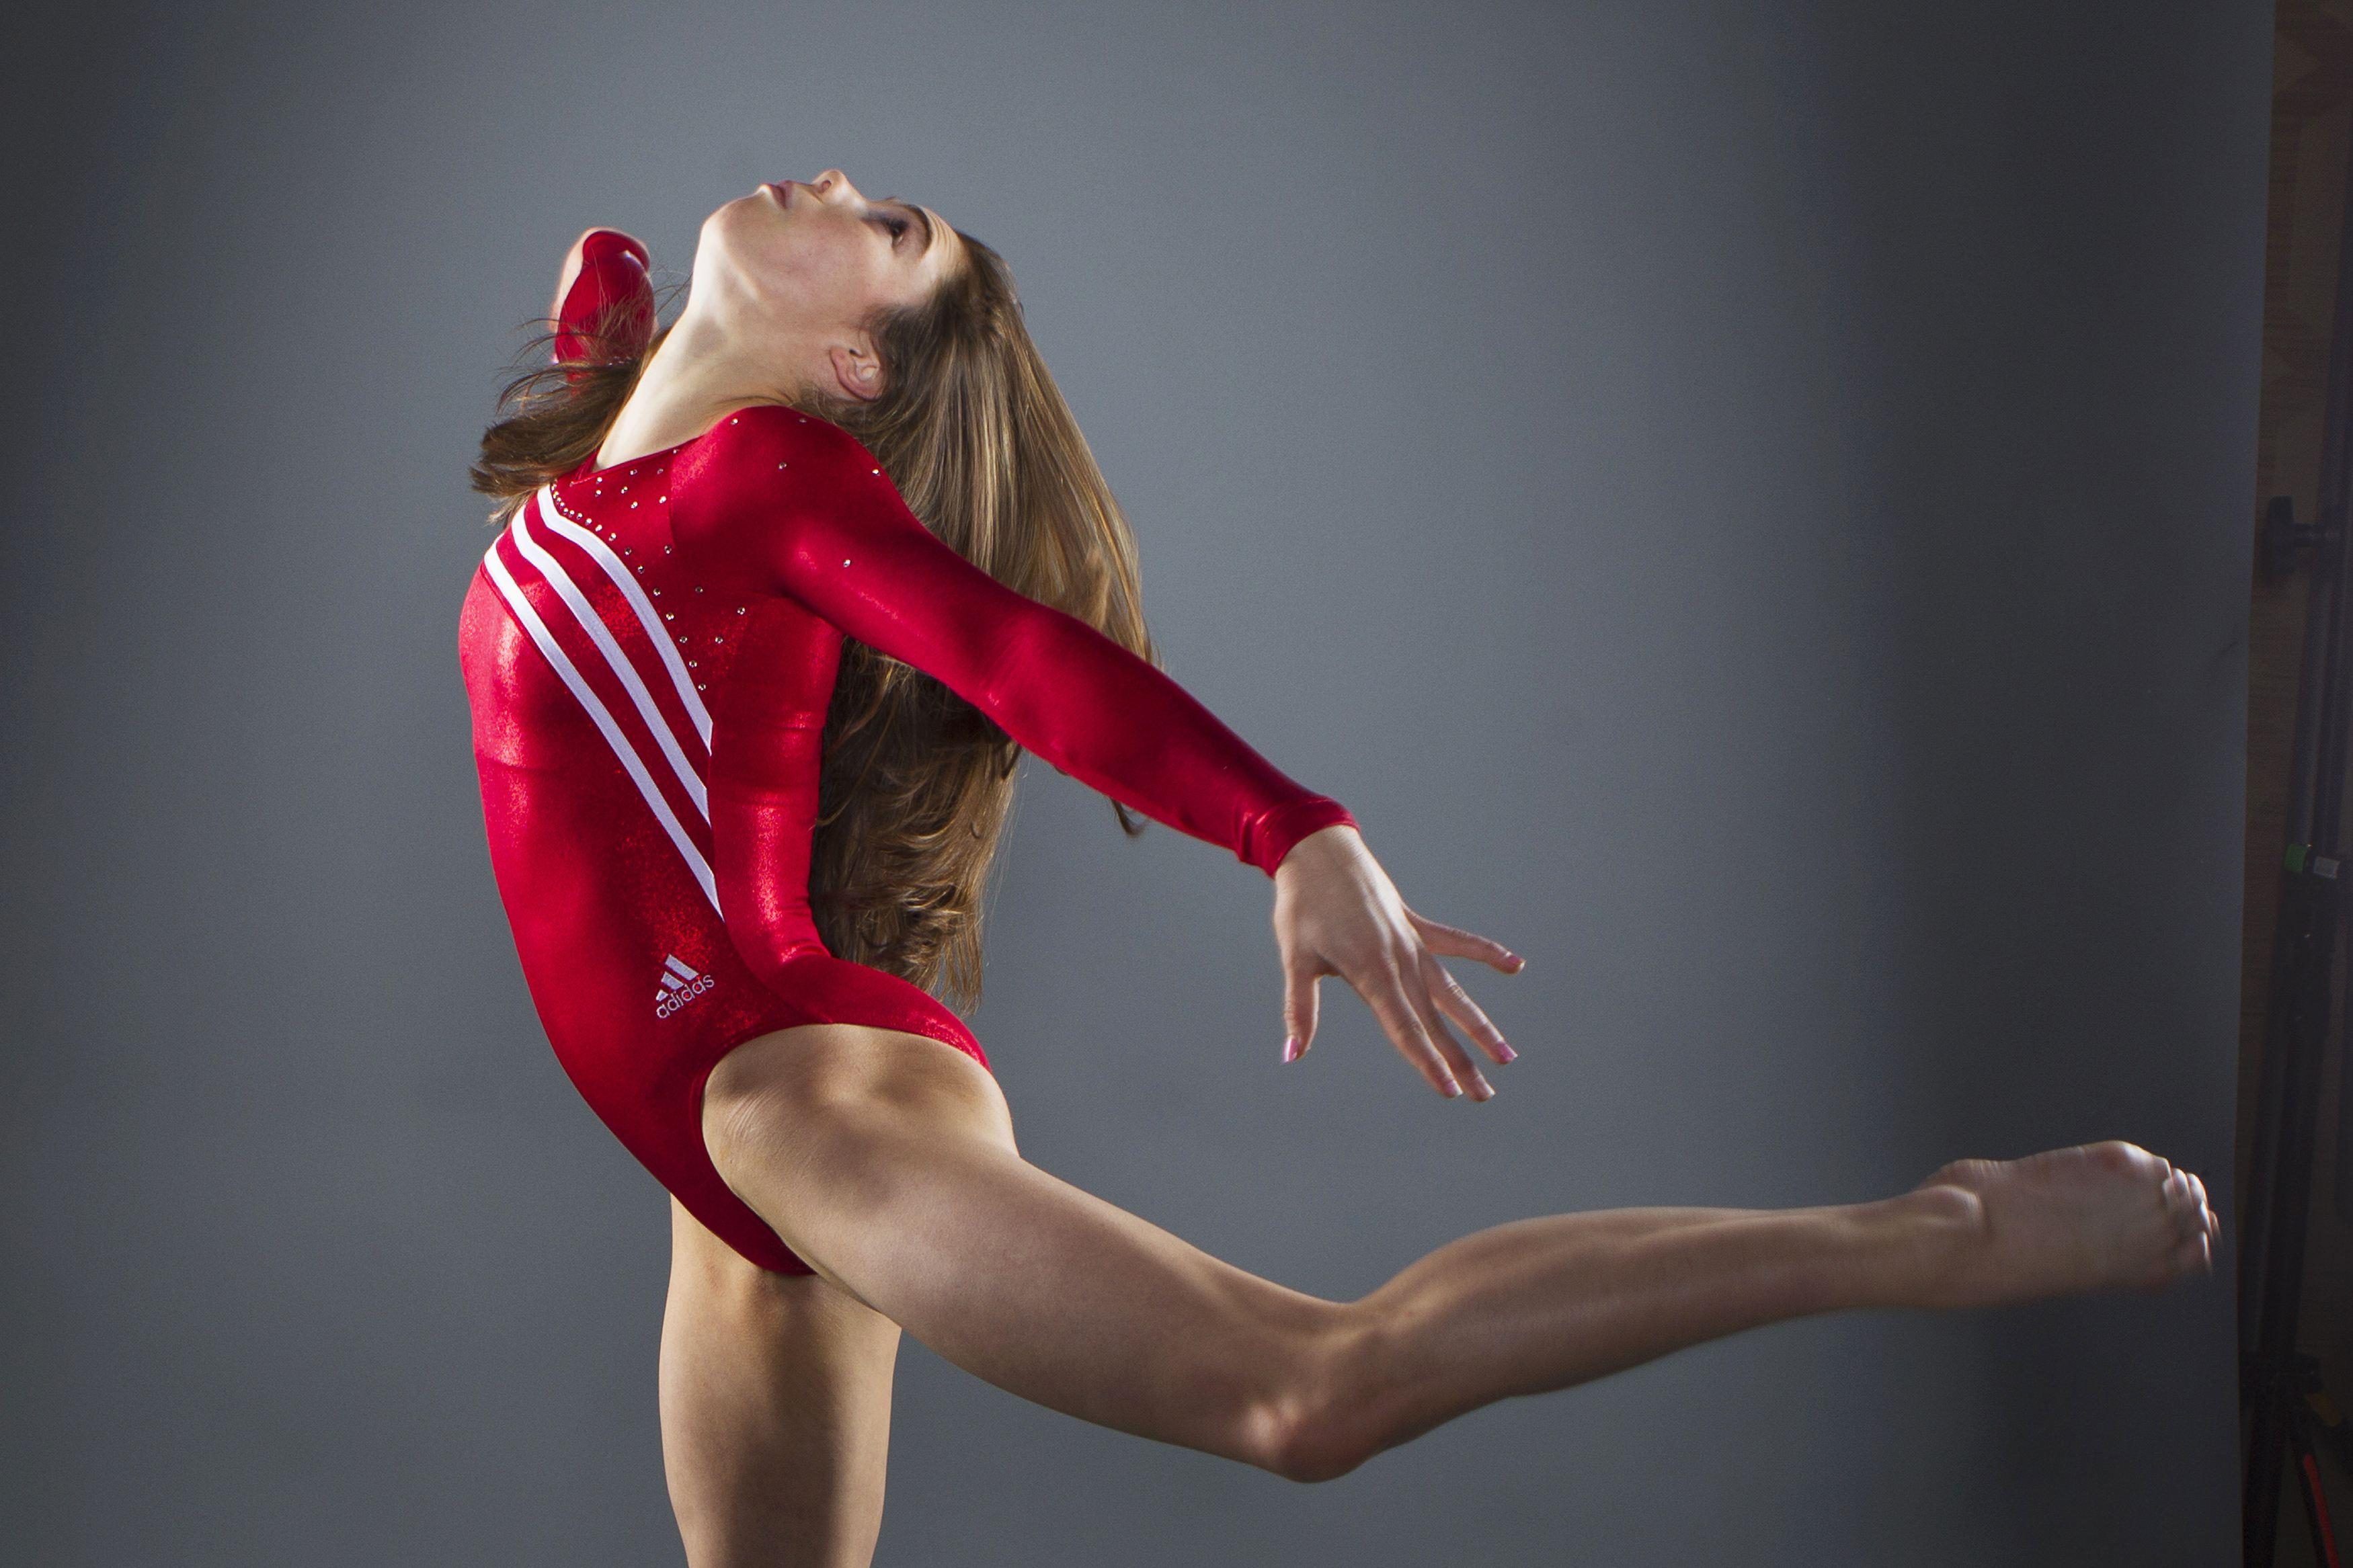 Супер голая гимнастика, Голые гимнастки: смотреть русское порно видео онлайн 12 фотография